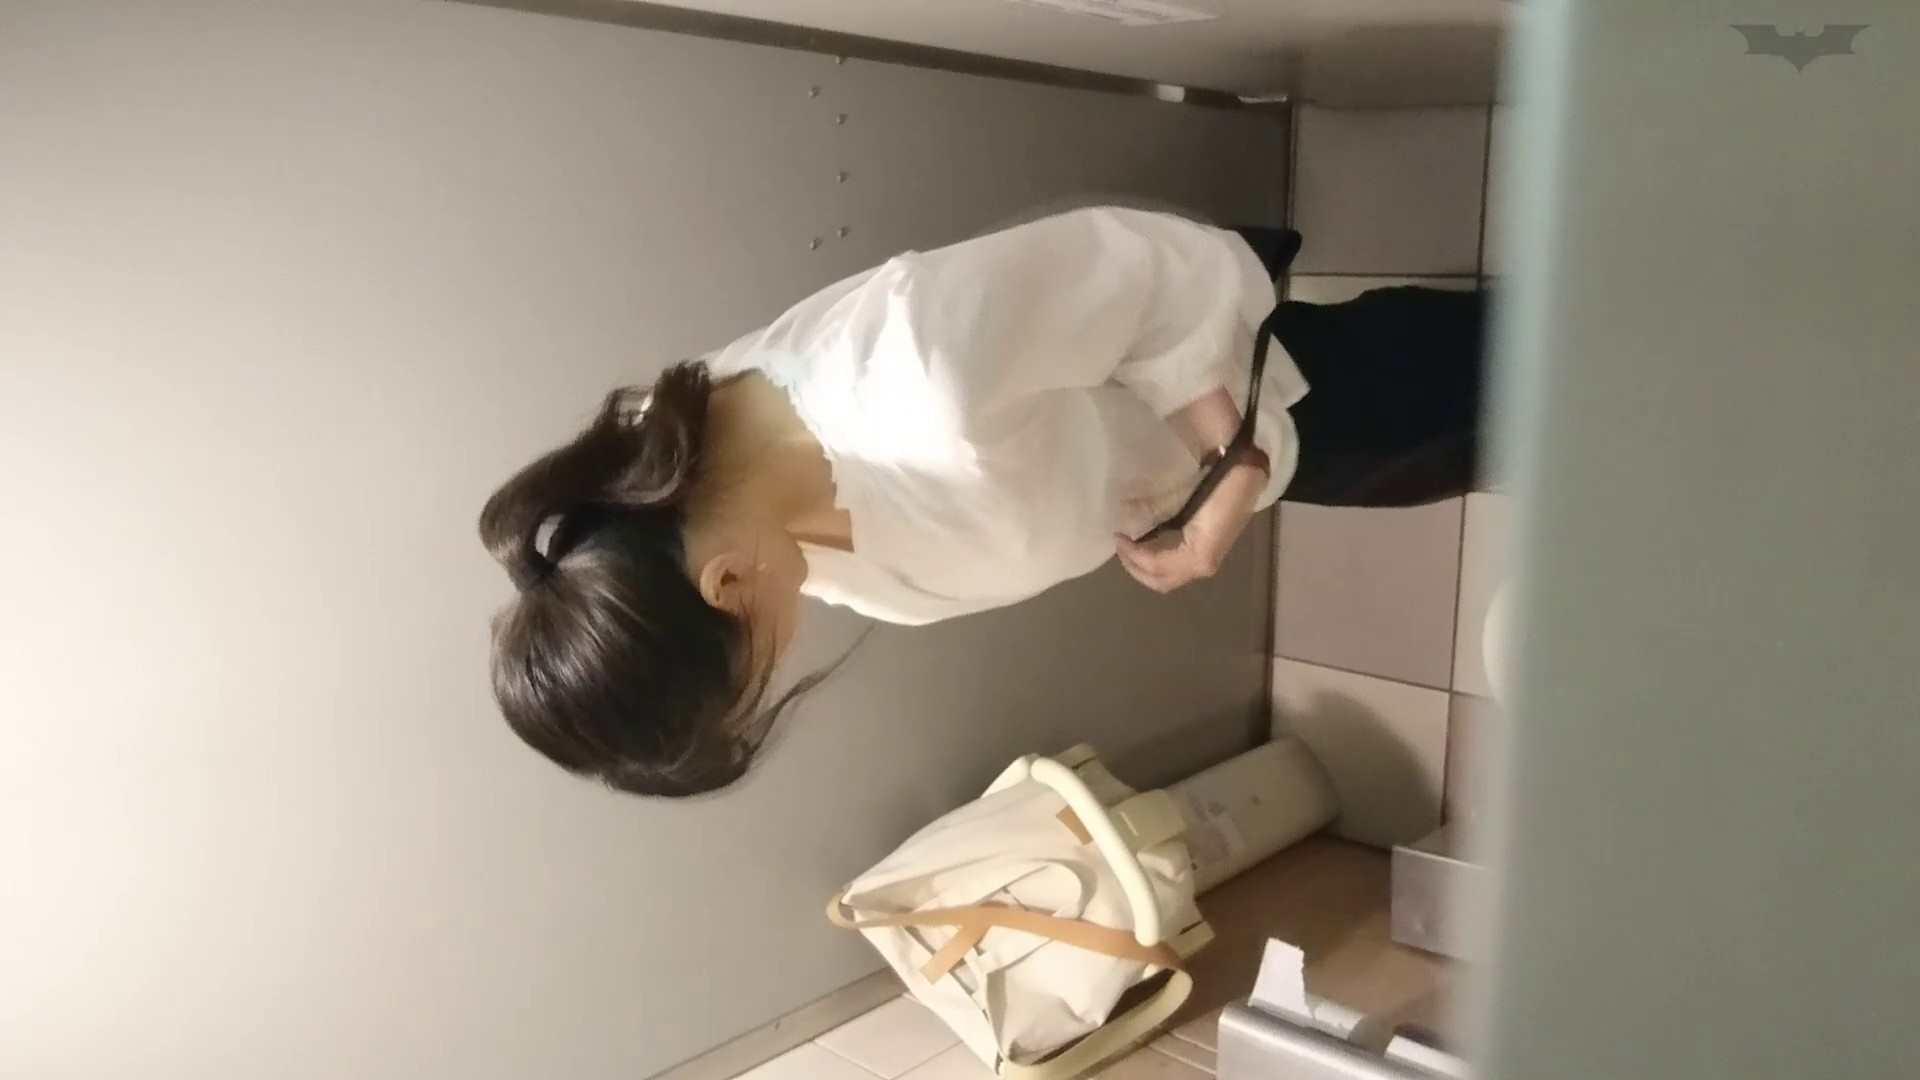 化粧室絵巻 ショッピングモール編 VOL.22 OL  95pic 32